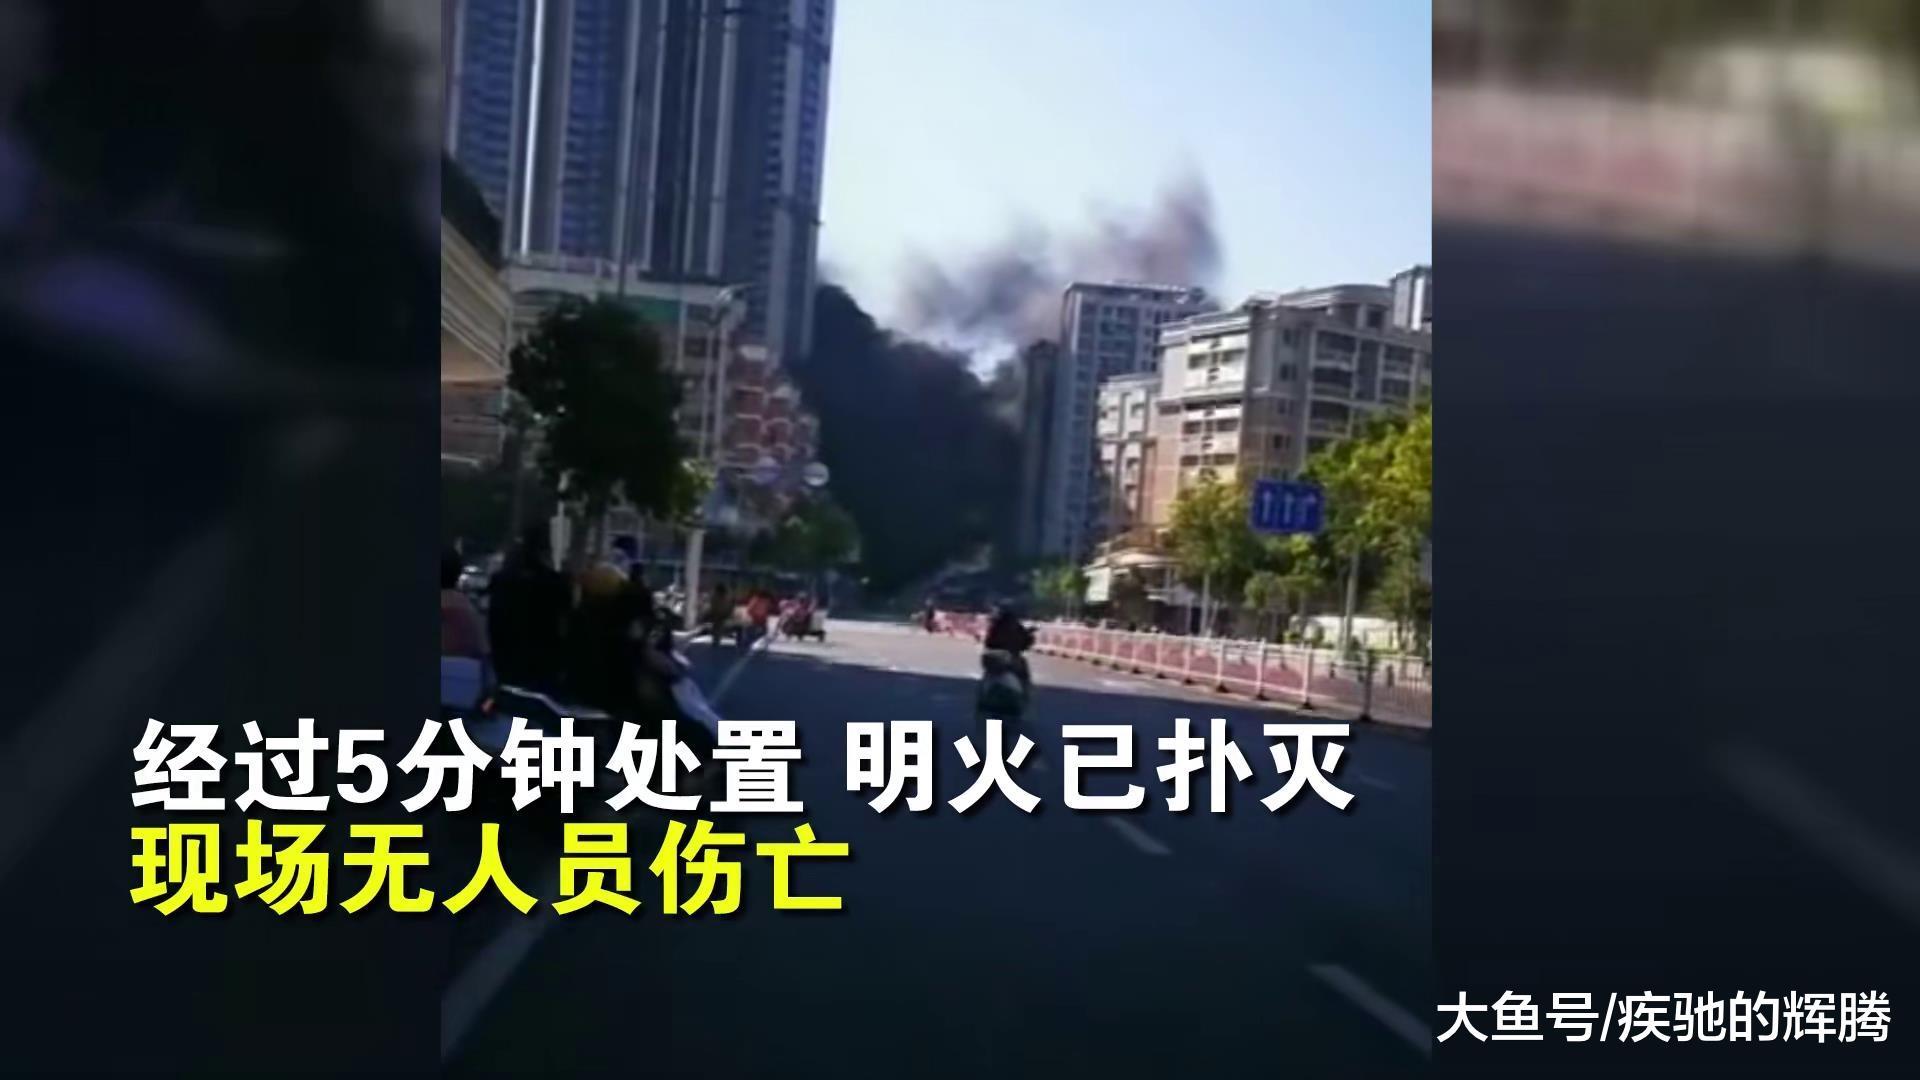 广东汕头: 金平区一在建楼盘近日突发火情! 现场画面令人不寒而栗